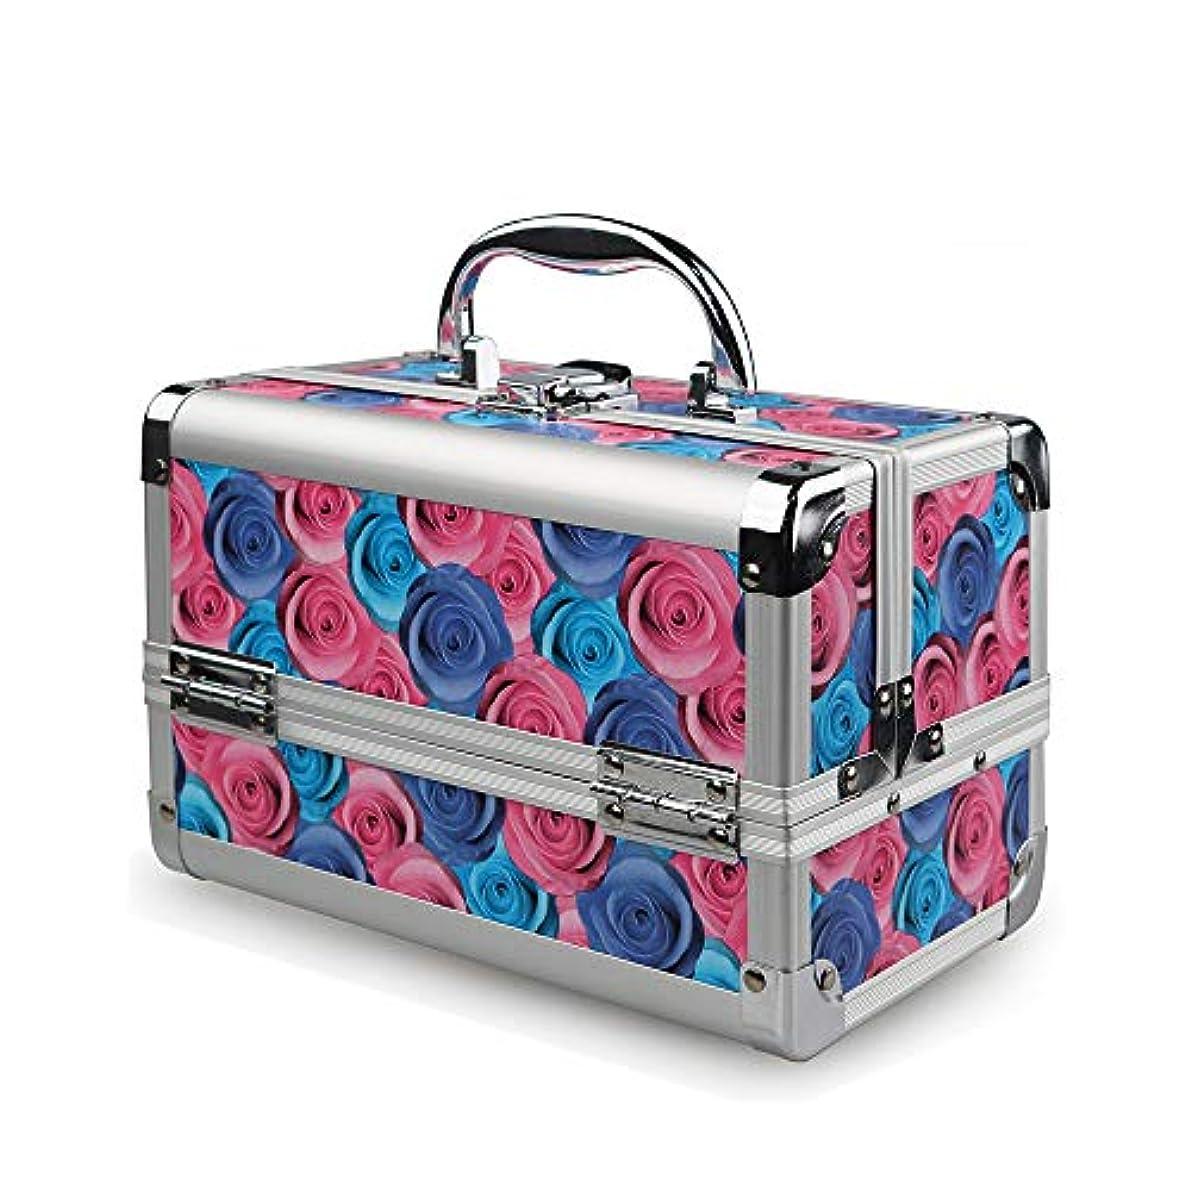 粘液数値理容室化粧オーガナイザーバッグ ローズプリンセスバニティケース化粧品は、ビューティーネイルジュエリーボックス旅行キャリーギフトポータブルストレージケースを作る 化粧品ケース